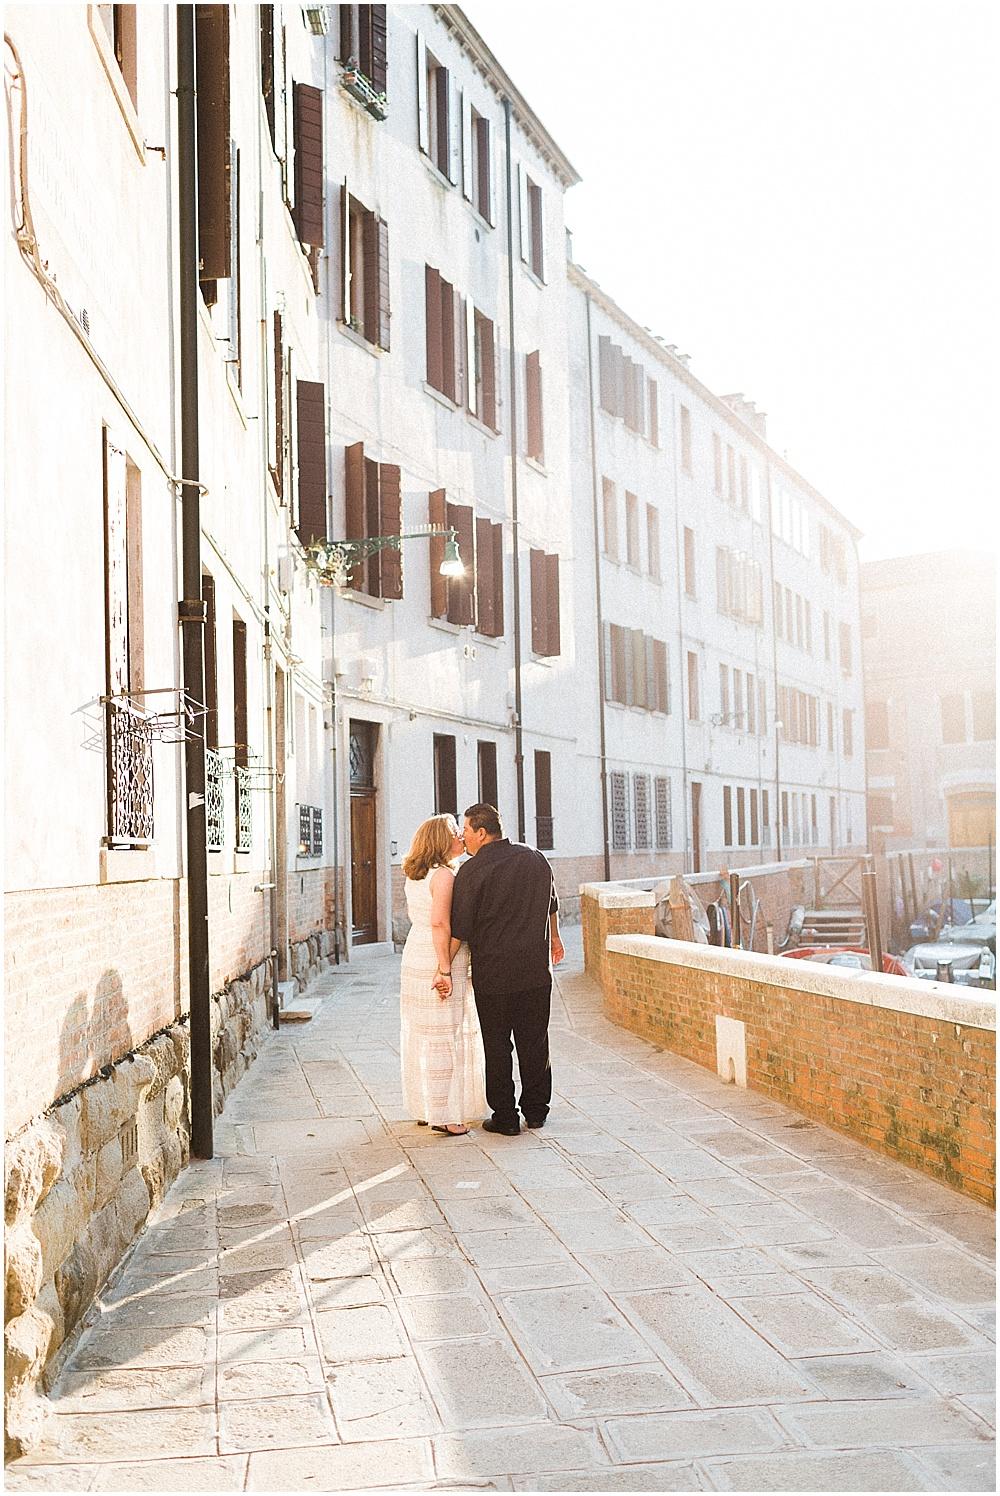 Venice-italy-wedding-photographer-stefano-degirmenci_0119.jpg